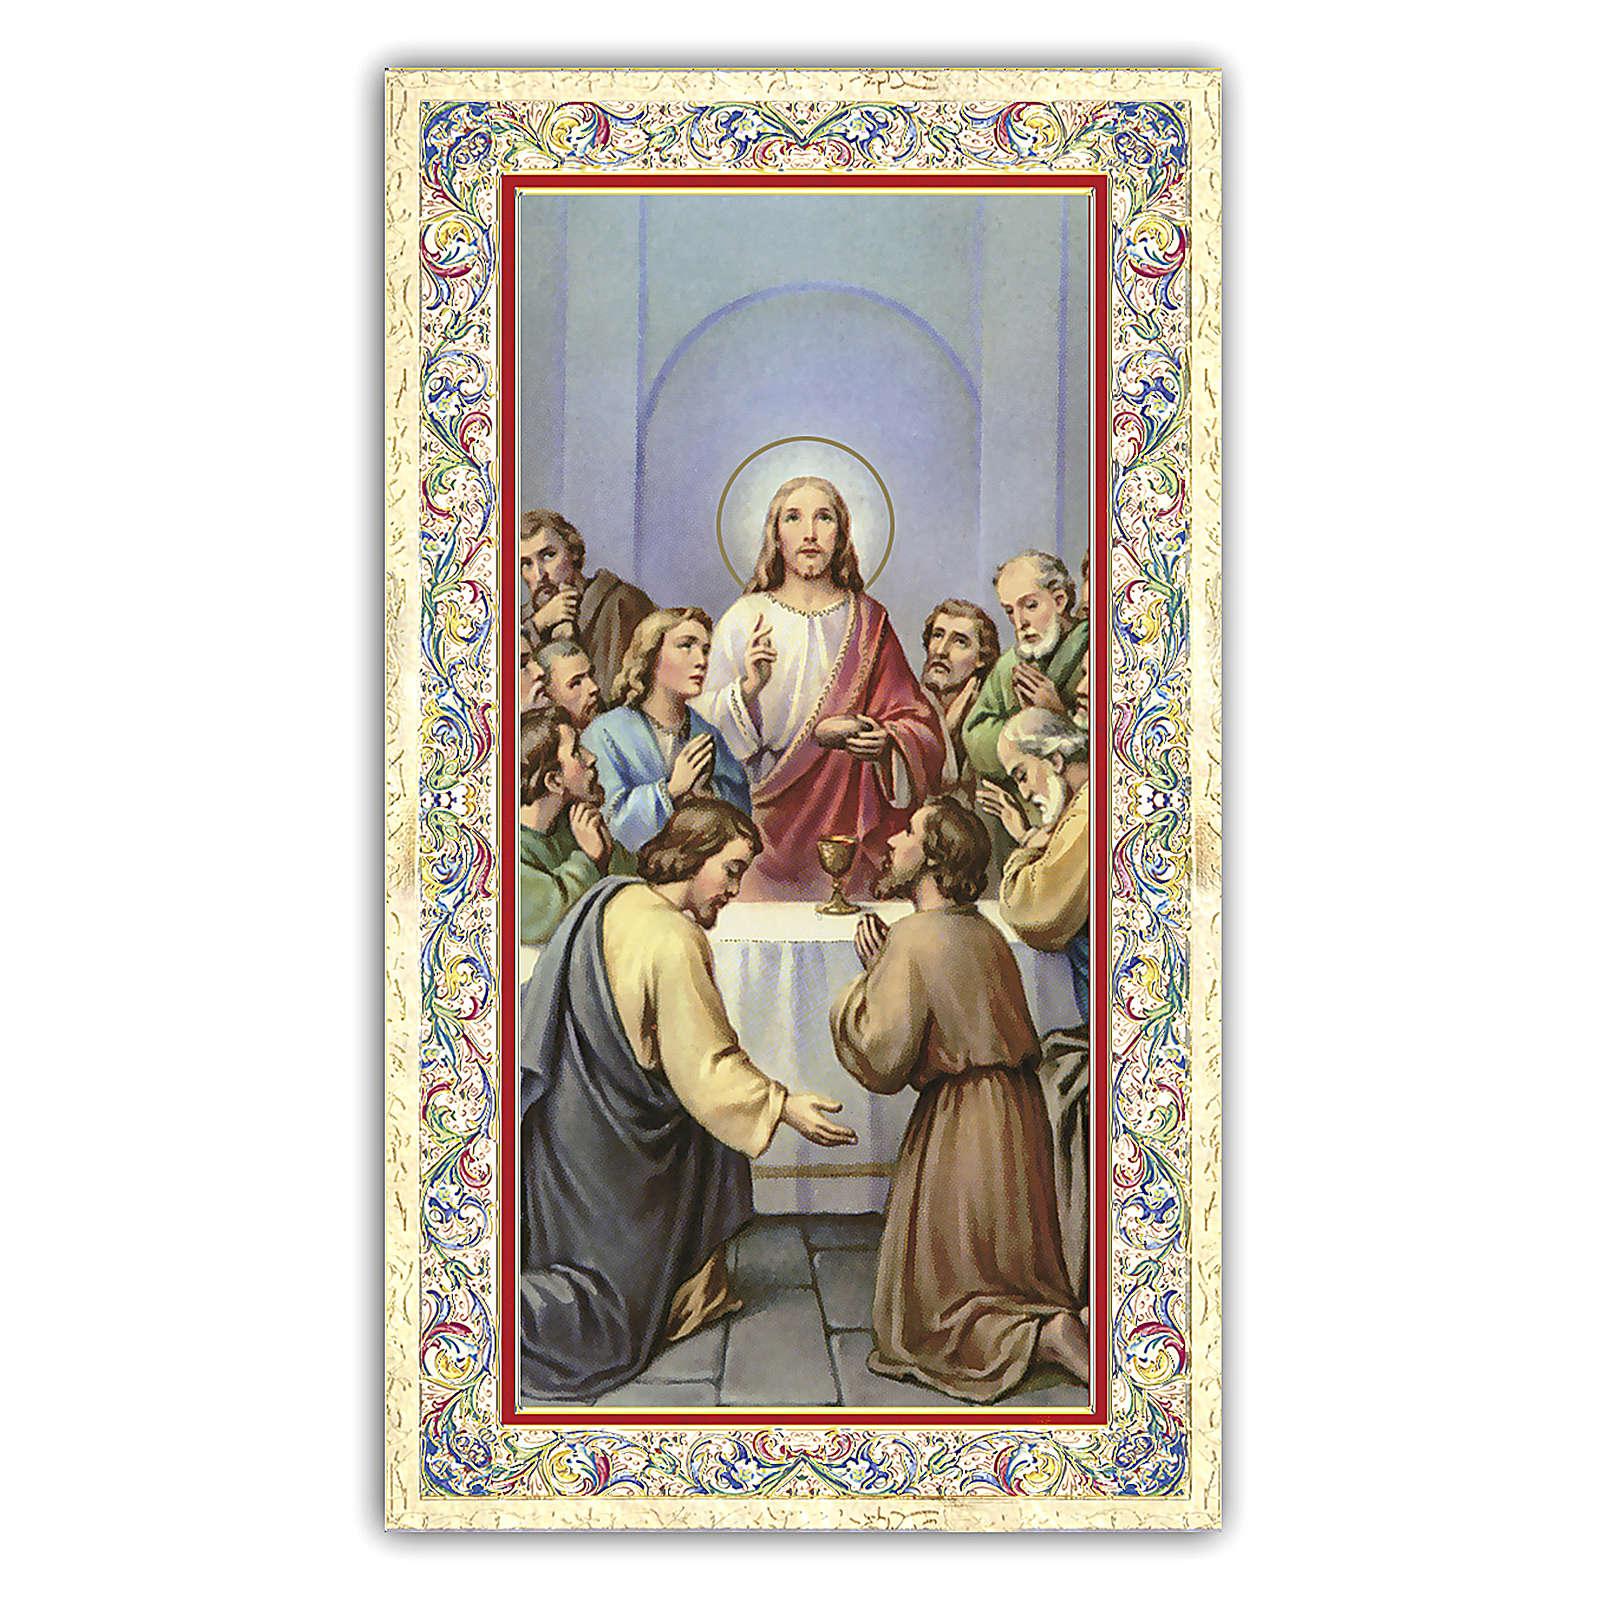 Estampa religiosa Última Cena 10x5 cm ITA 4